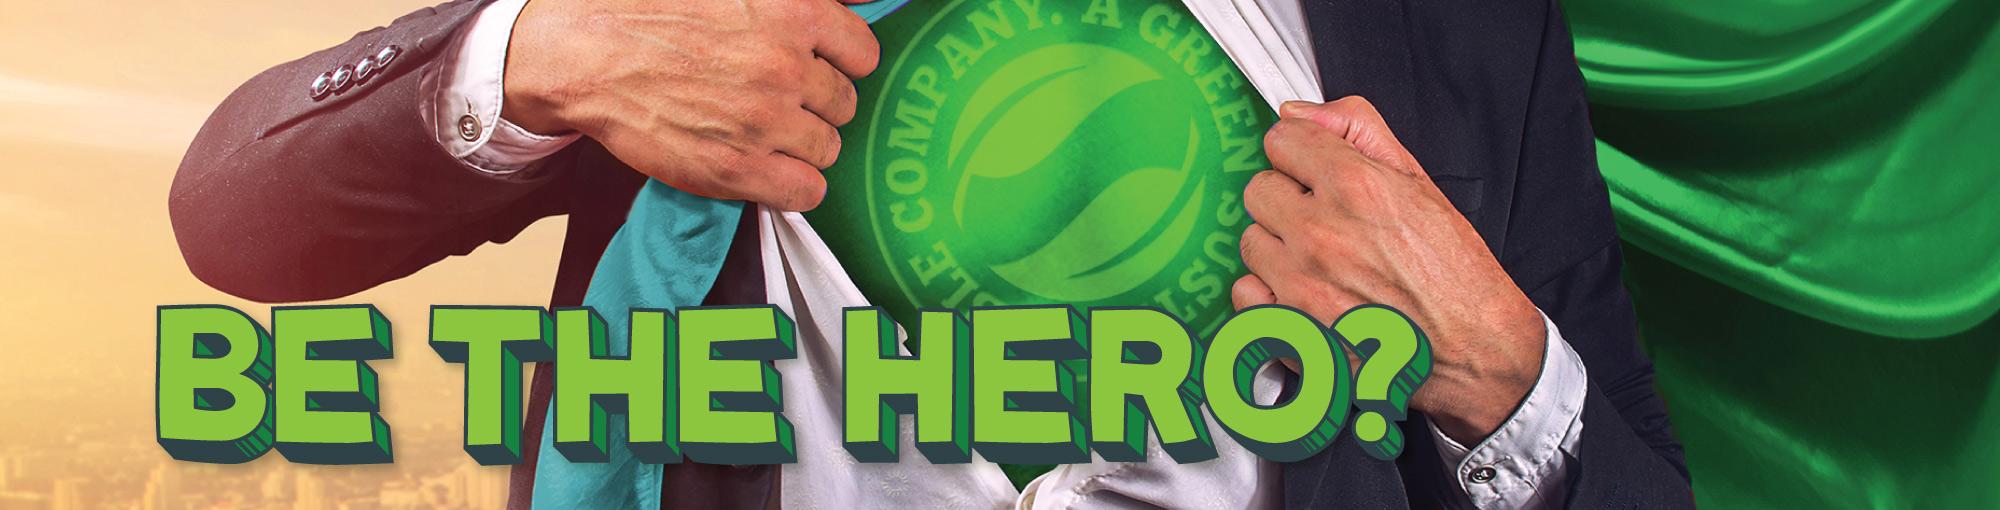 GreenAir Be The Hero Banner